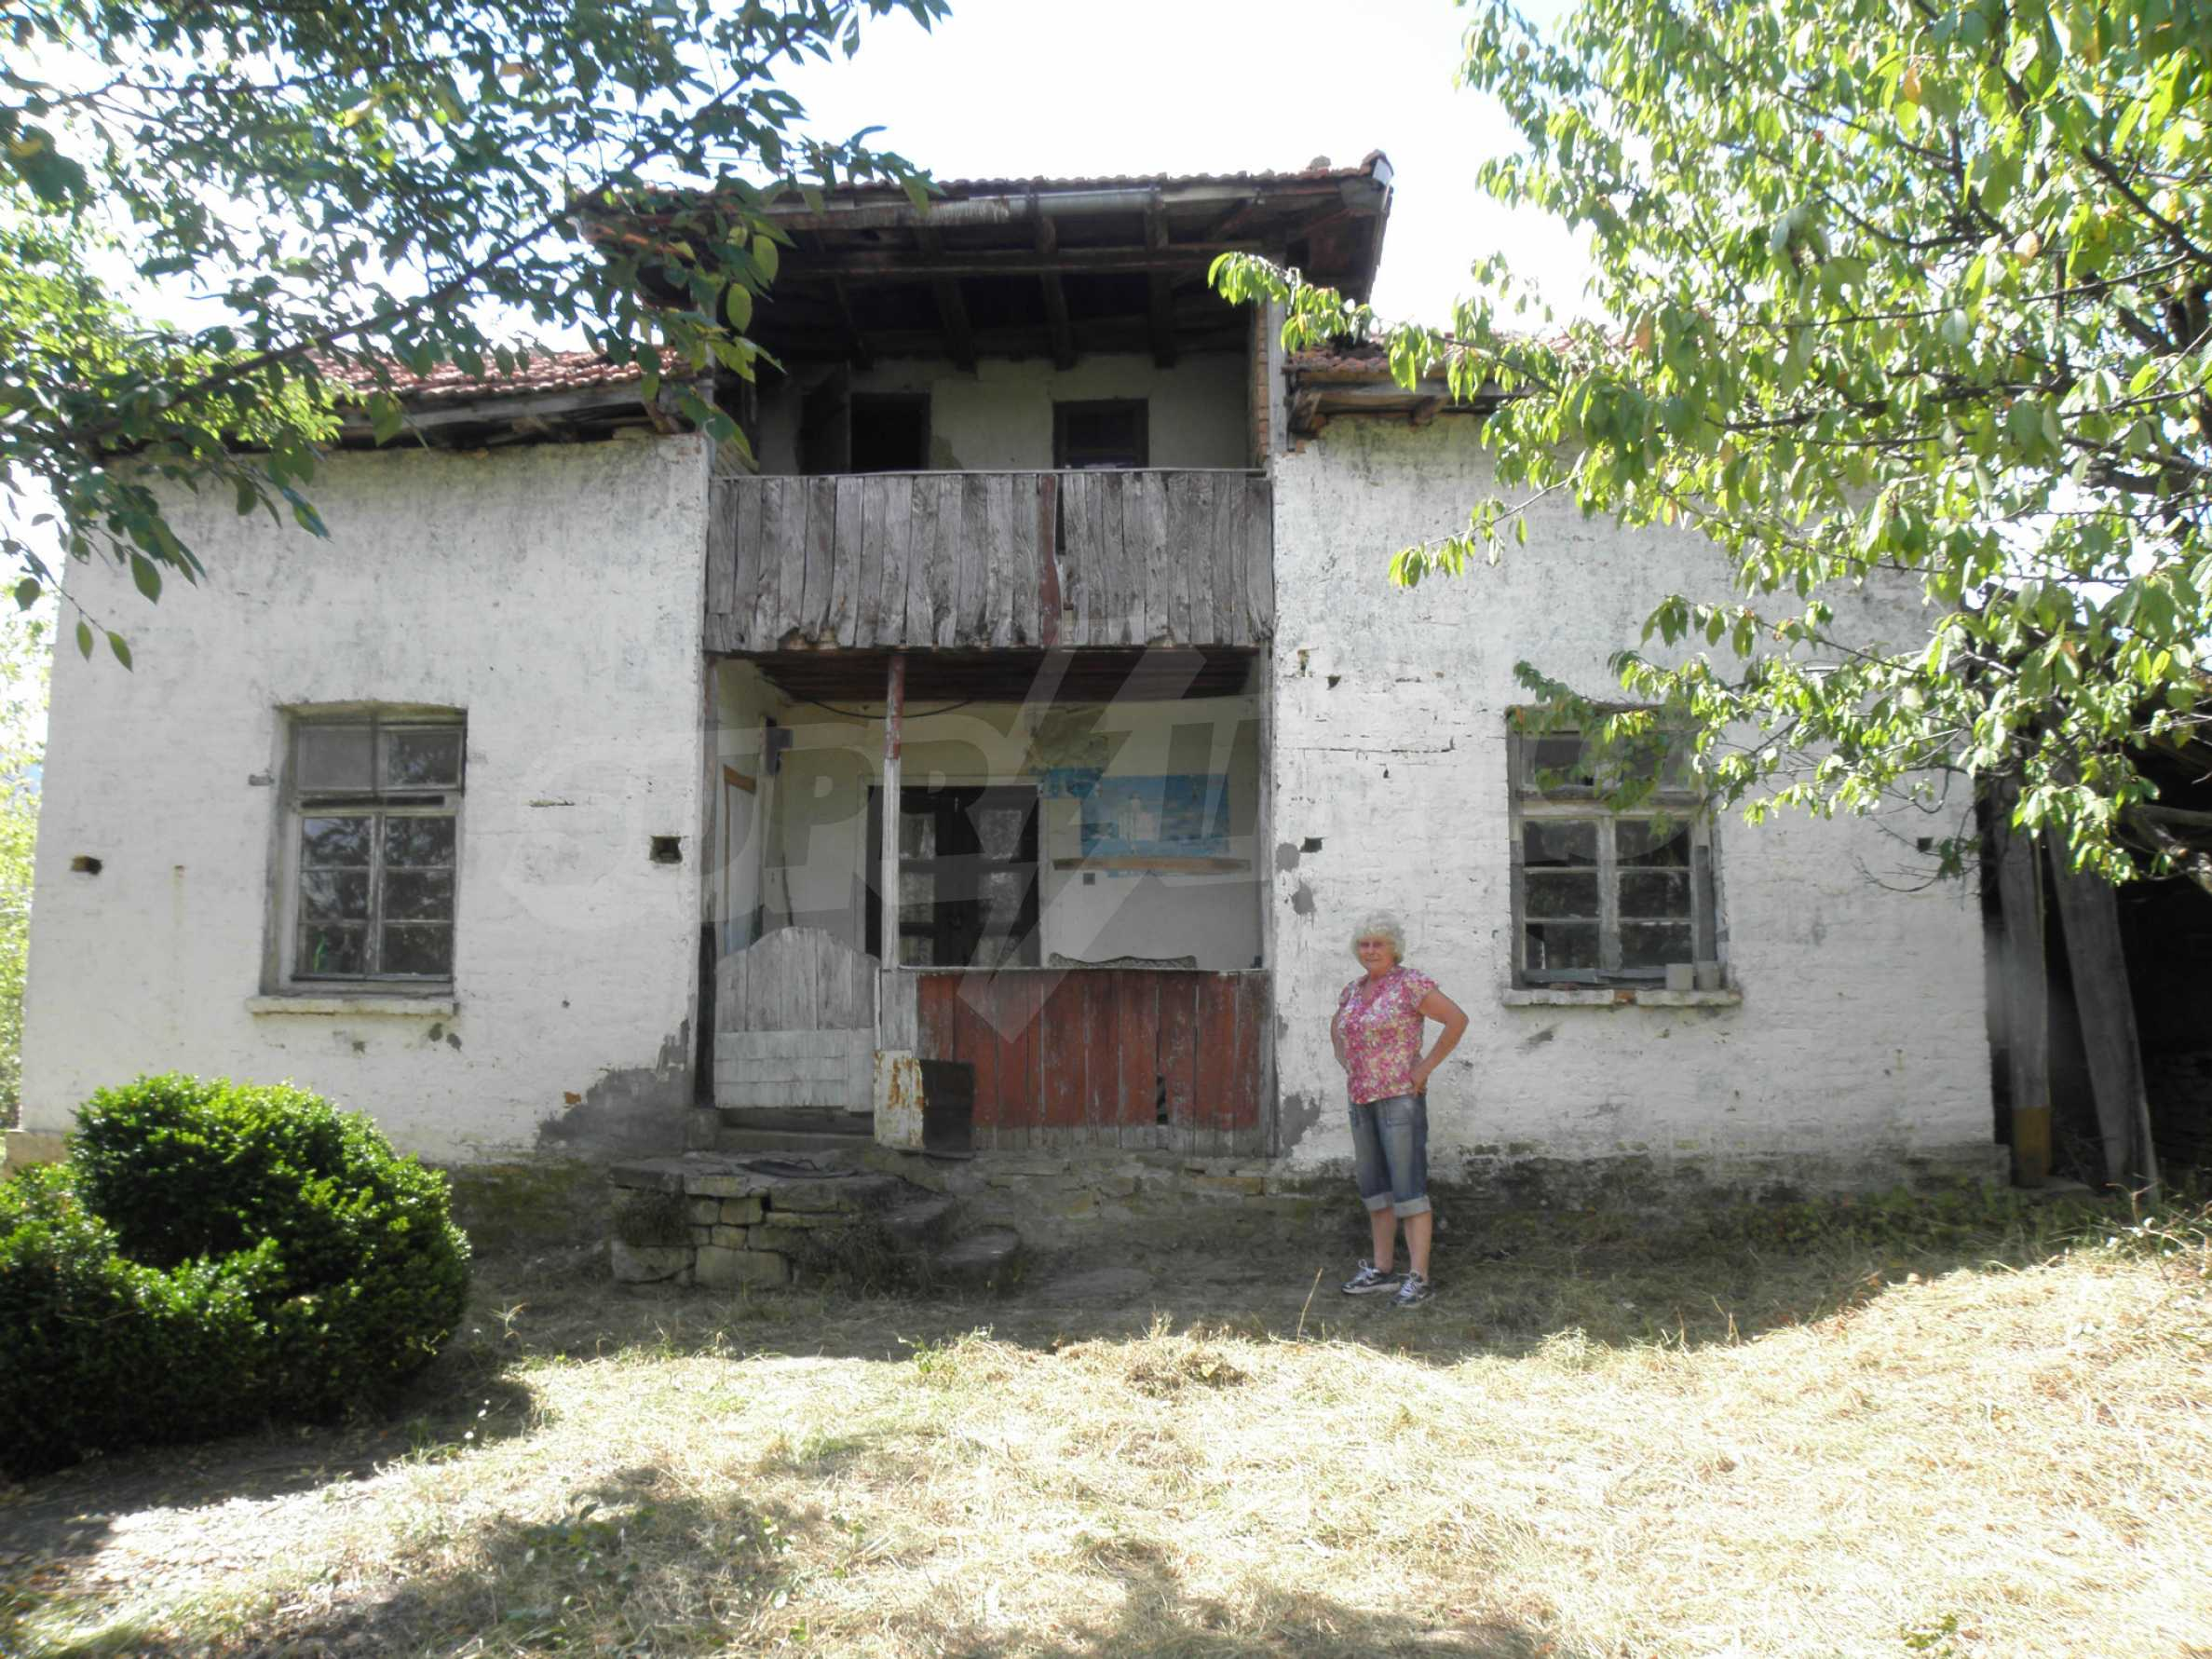 Altes Haus in einem Bergdorf, 20 km von der Stadt Sevlievo entfernt 3